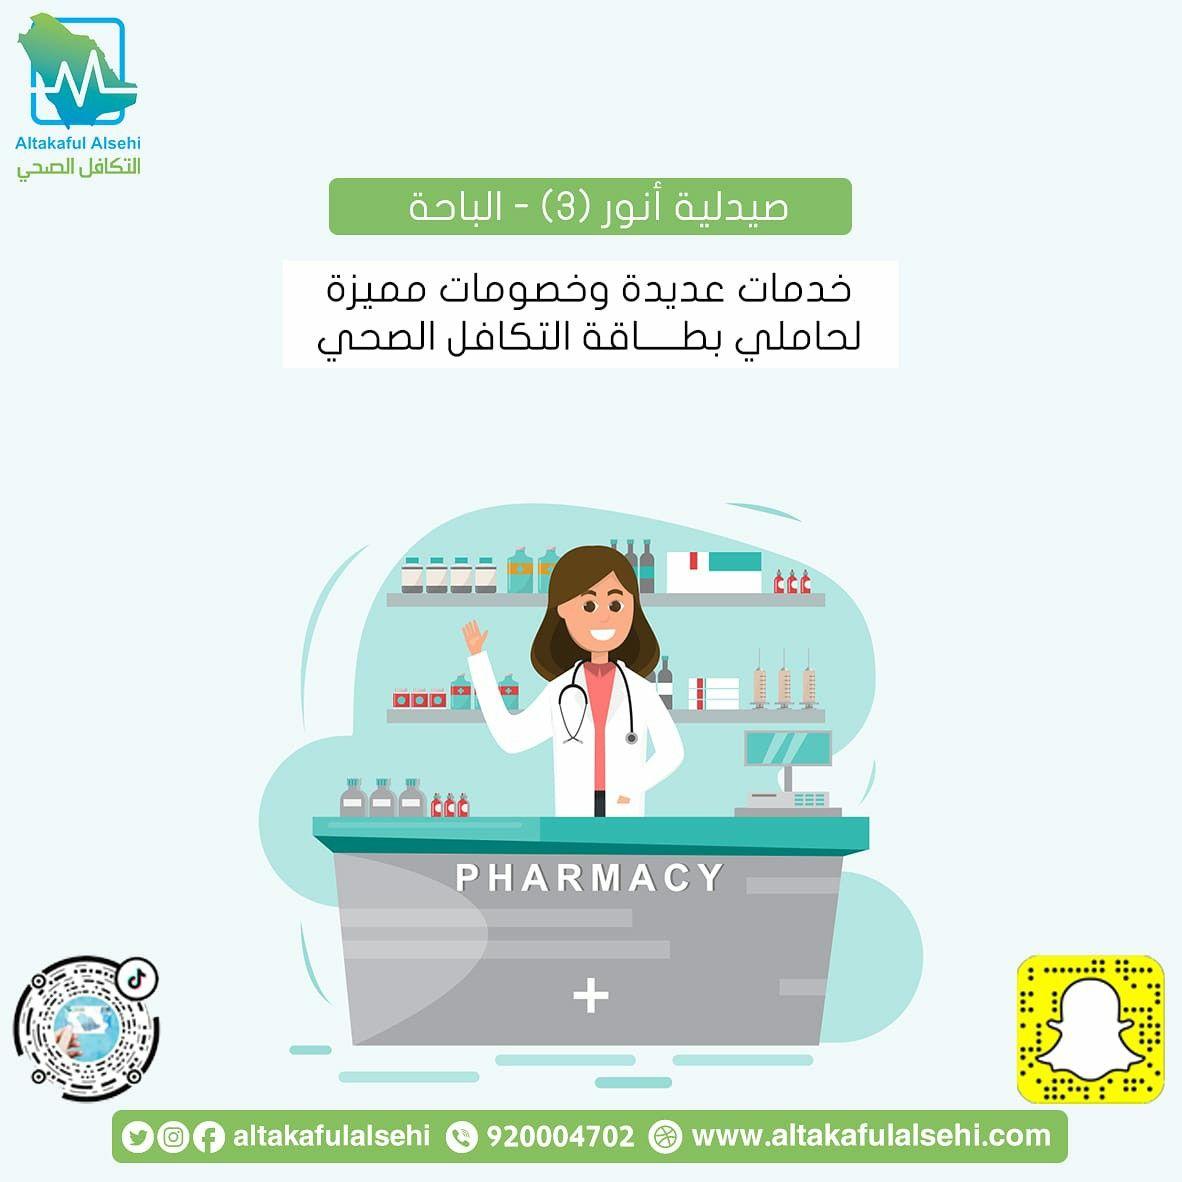 خصومات حقيقية لحاملي بطاقة التكافل الصحي تحصلون عليها من صيدلية أنور 3 في الباحة على النحو الآتي الأدوية 7 التجم In 2021 Pharmacy Family Guy Health Insurance